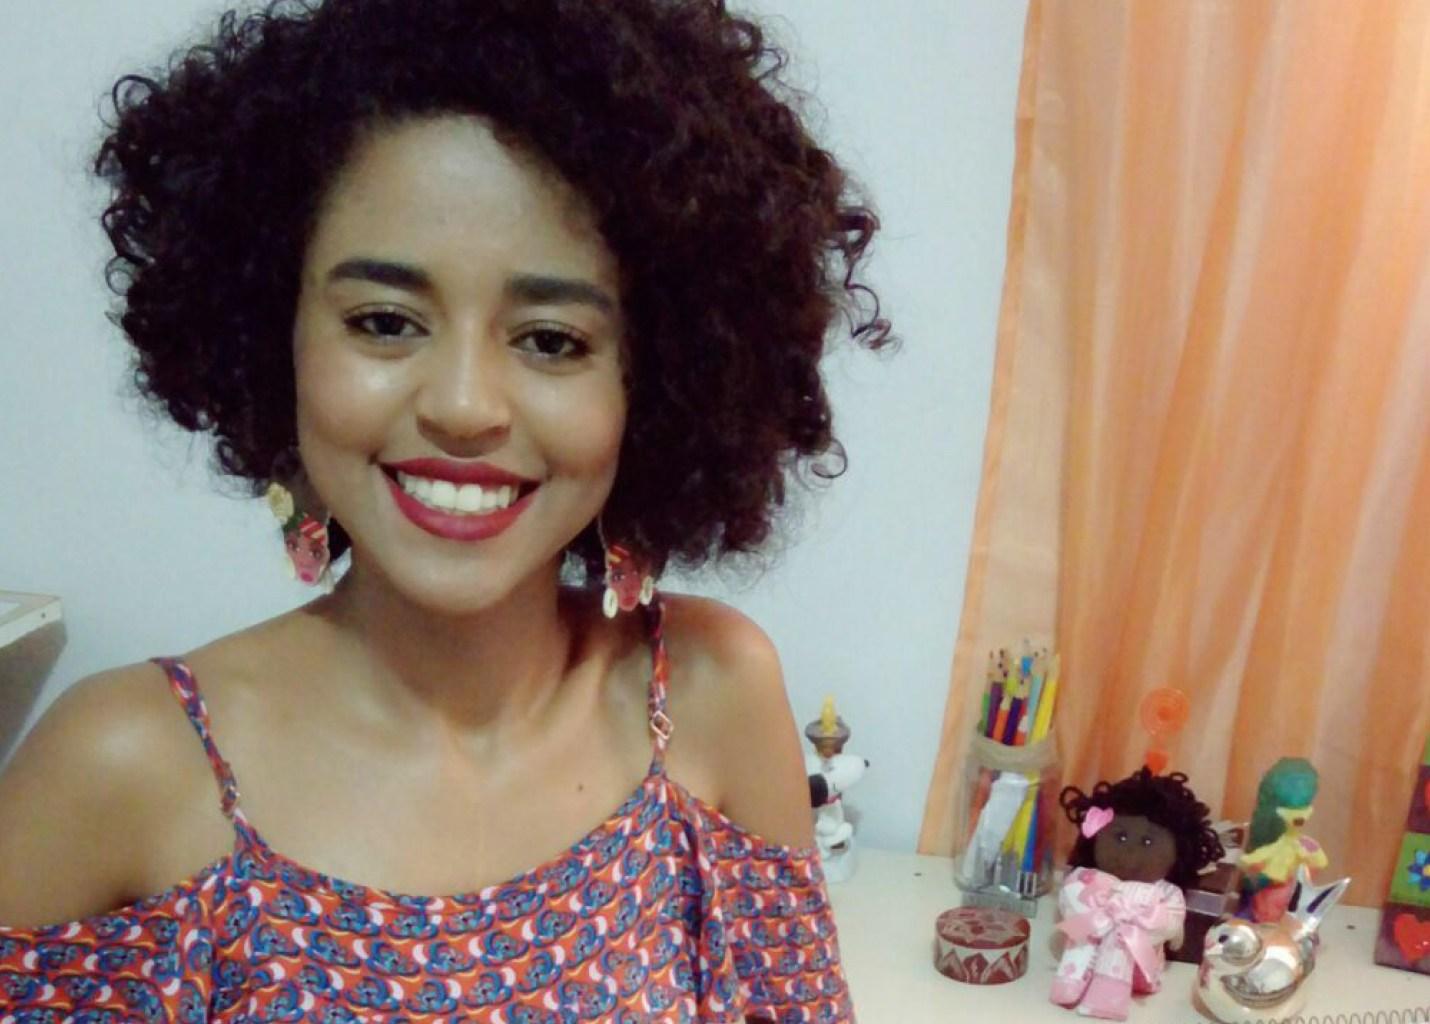 Negra sou! A construção identitária de mulheres negras universitárias (Erika Costa)